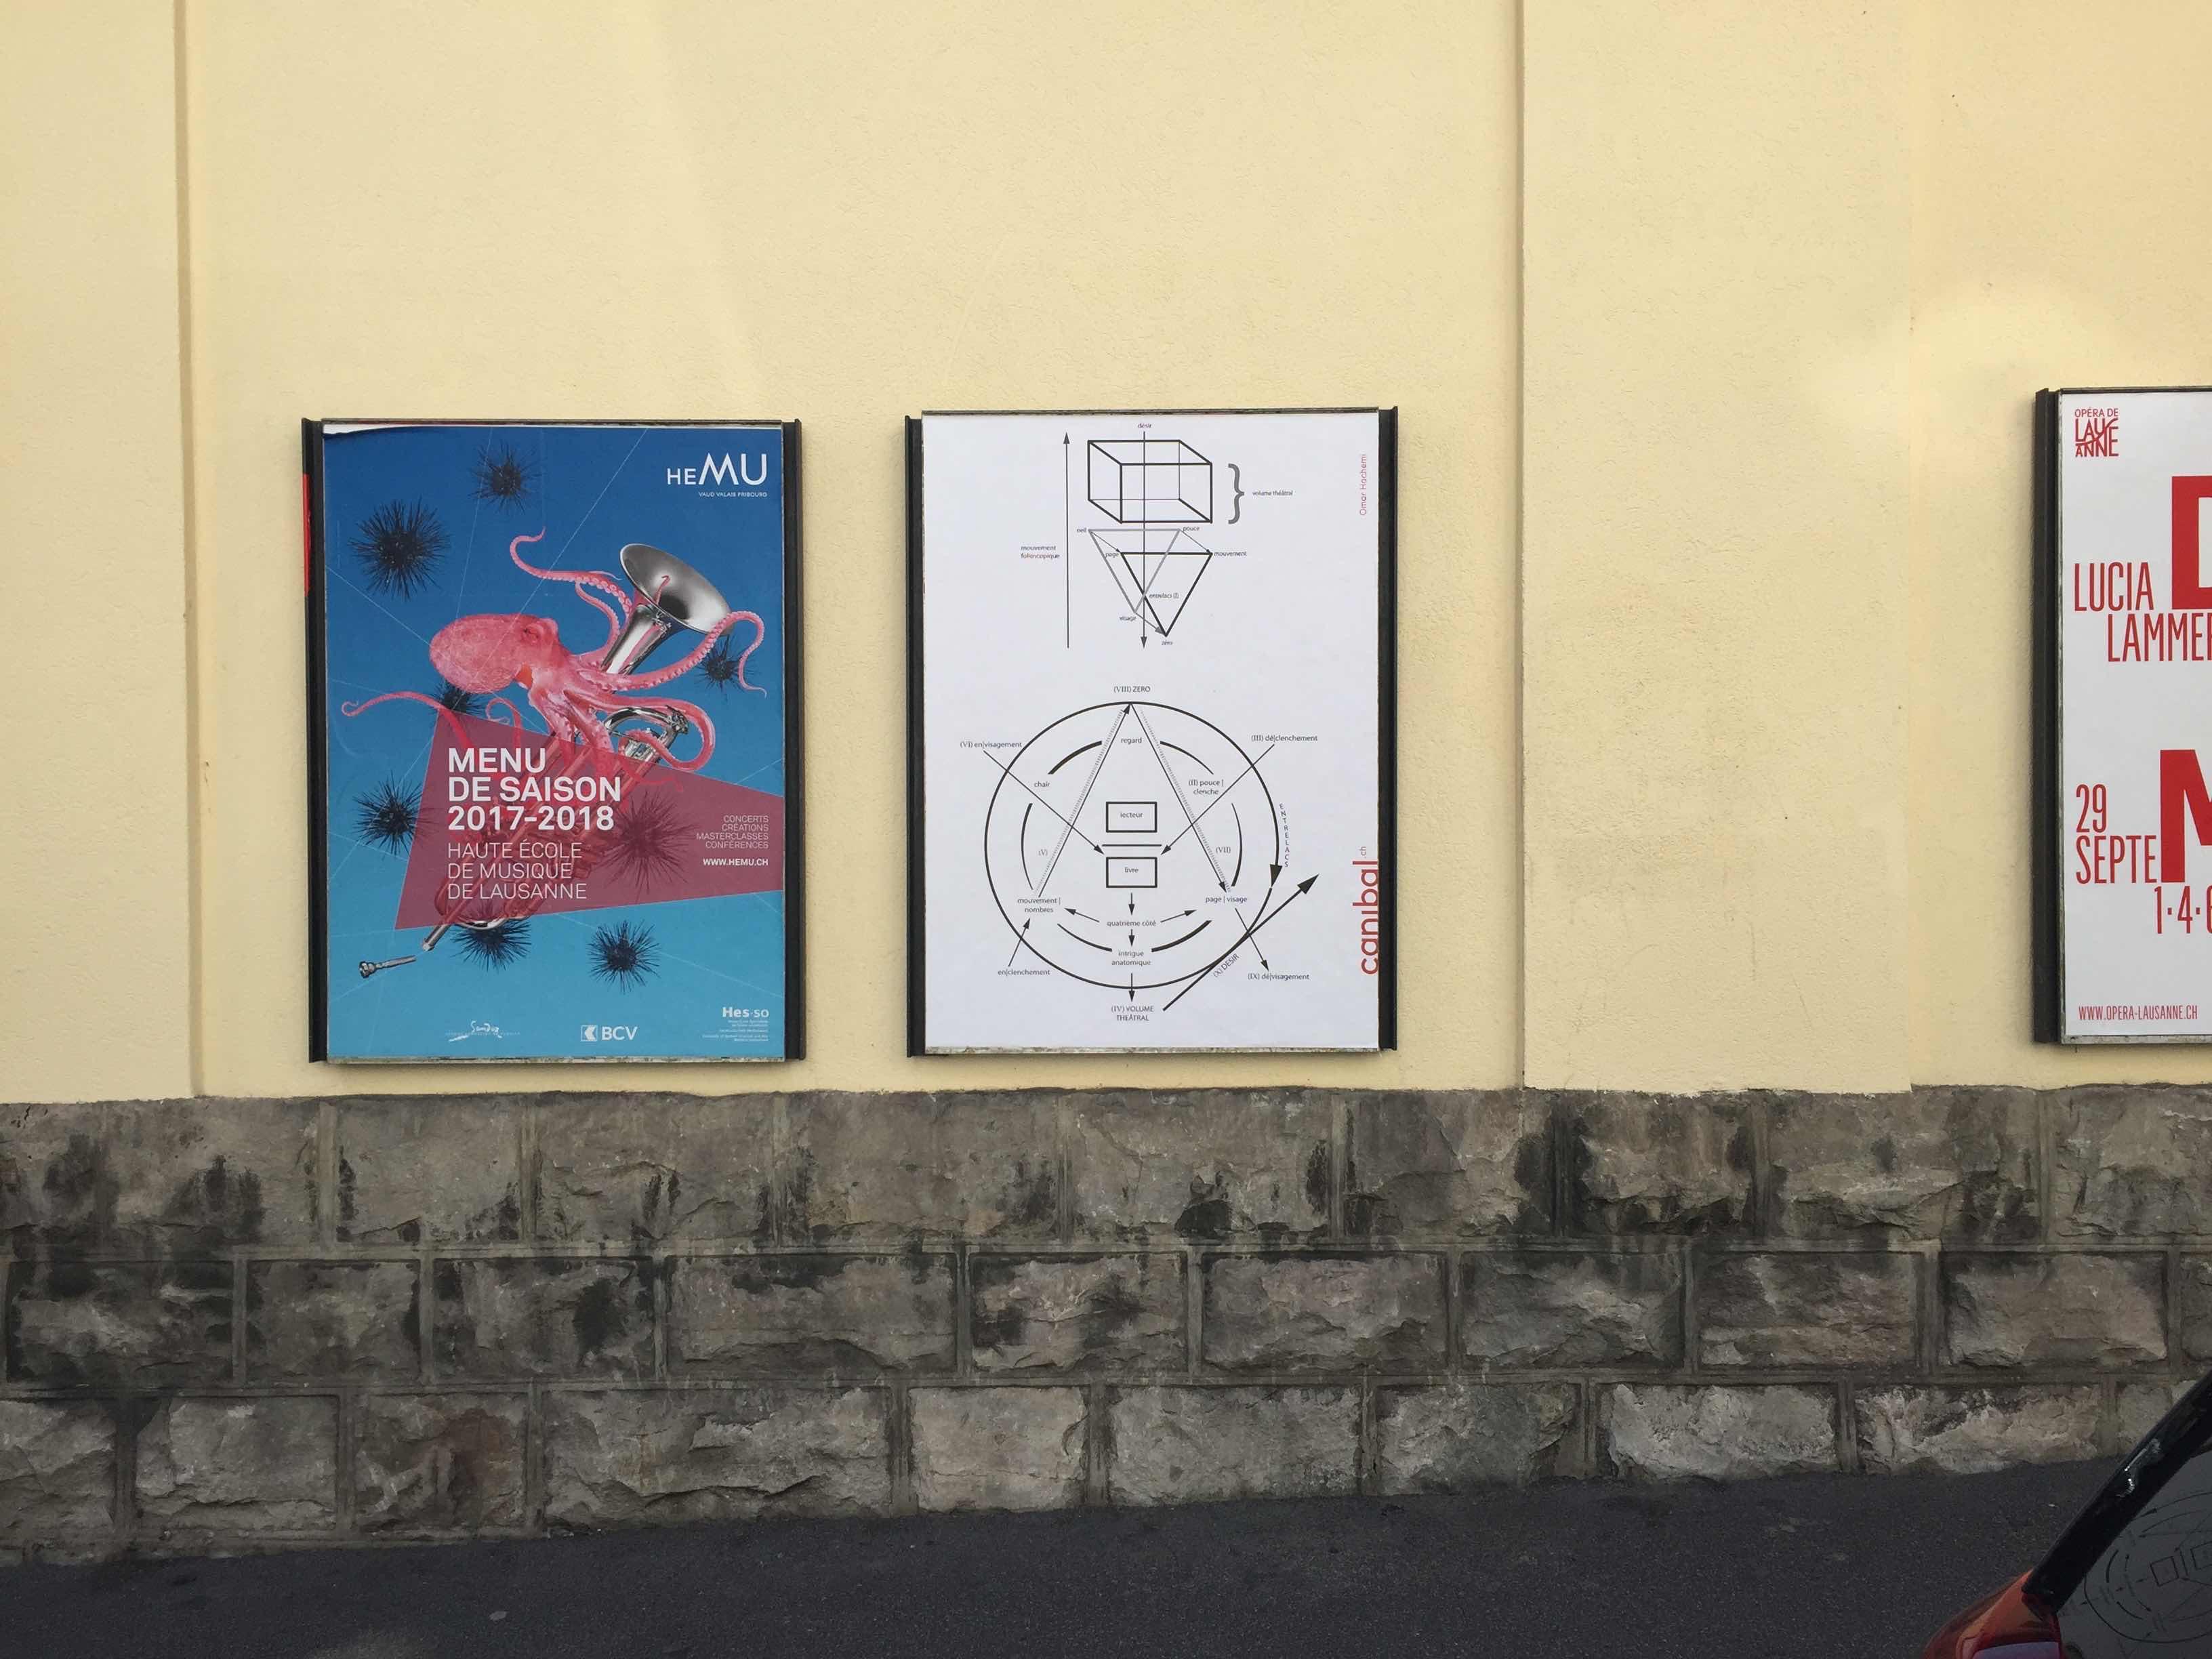 Omar Hachemi, avenue de france 15, Lausanne-IMG_5622